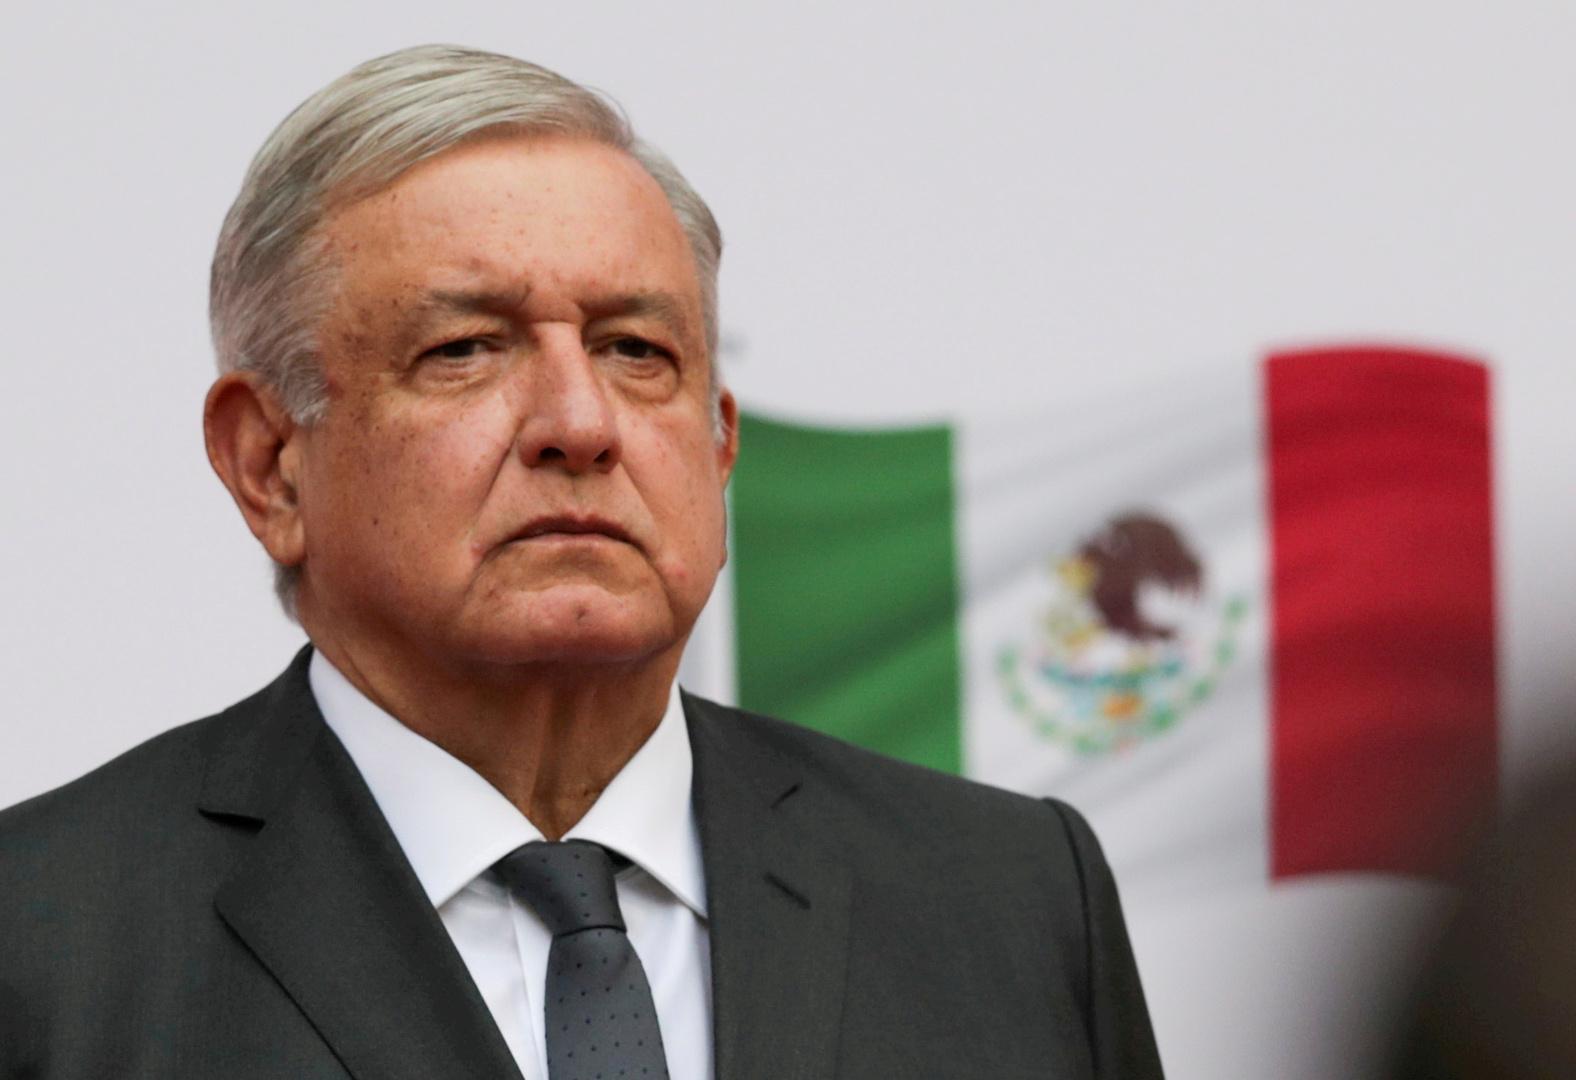 رئيس المكسيك يتبرع بتطعيم المهاجرين المخالفين في الولايات المتحدة